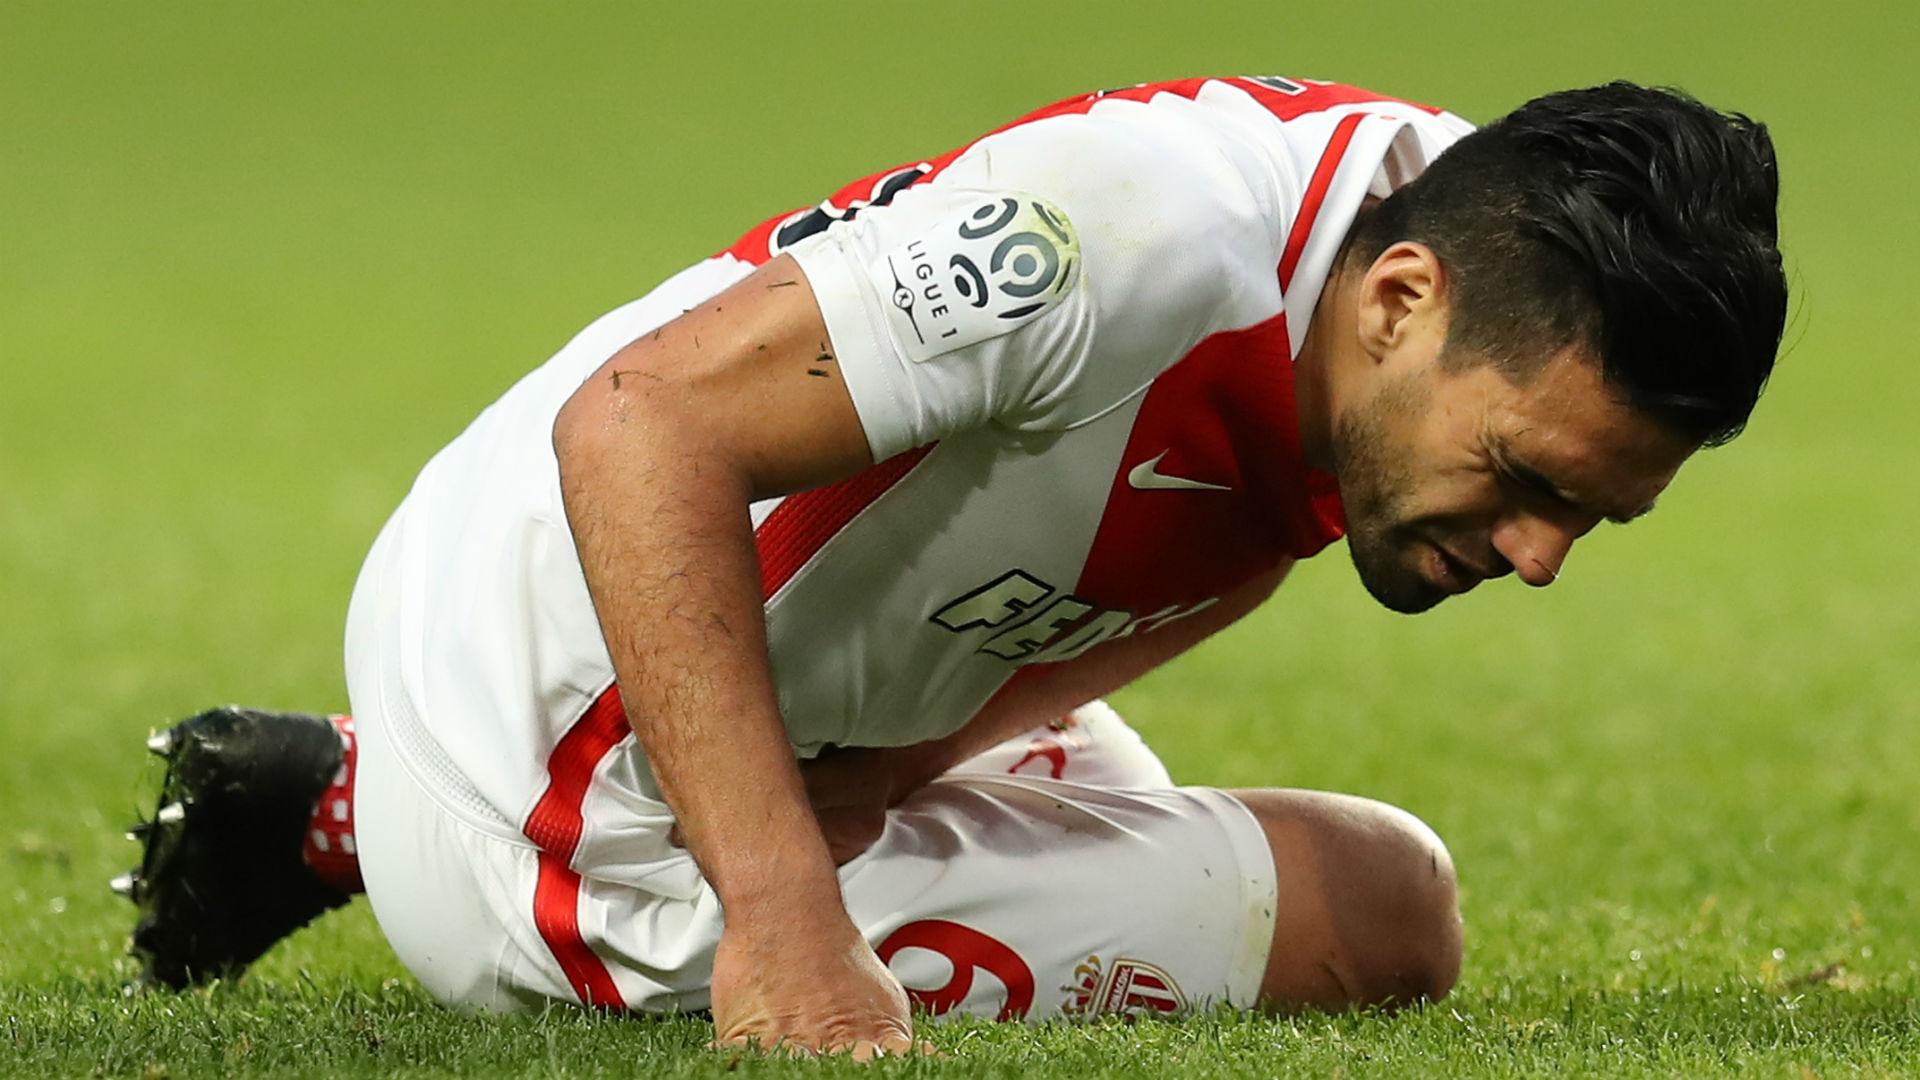 Nueva lesión dejaría a Falcao 4 semanas fuera de las canchas